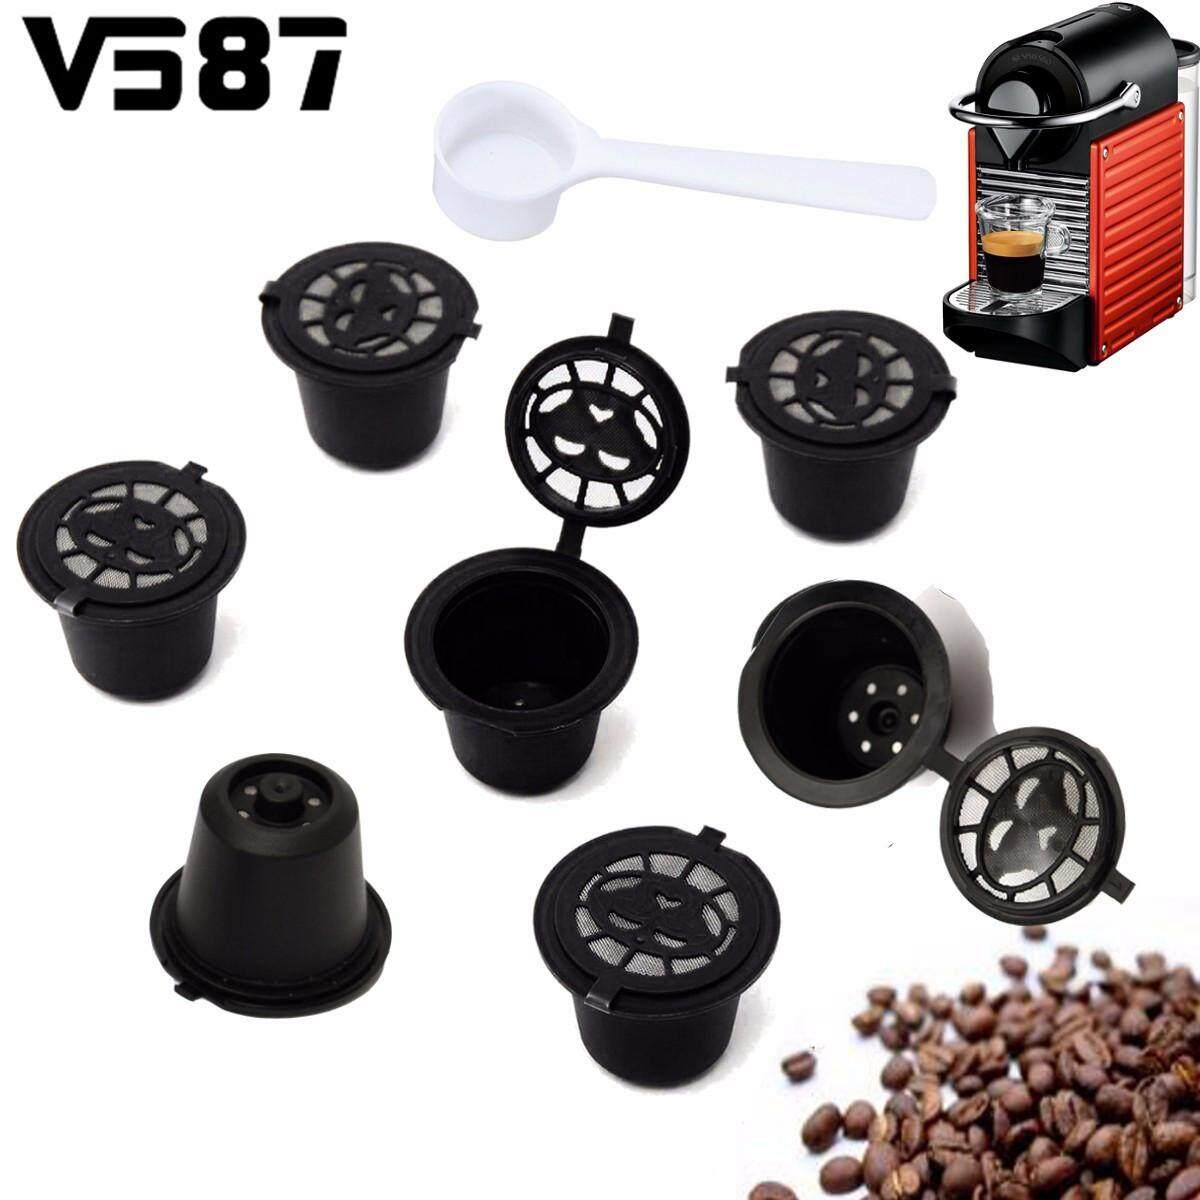 ... Cangkir untuk Keurig K. Source · 7 Pcs Isi Ulang Mikro Jaring Penyaring Kopi Kapsul Pod Espresso Brewer Filter Dapur Kedai Kopi